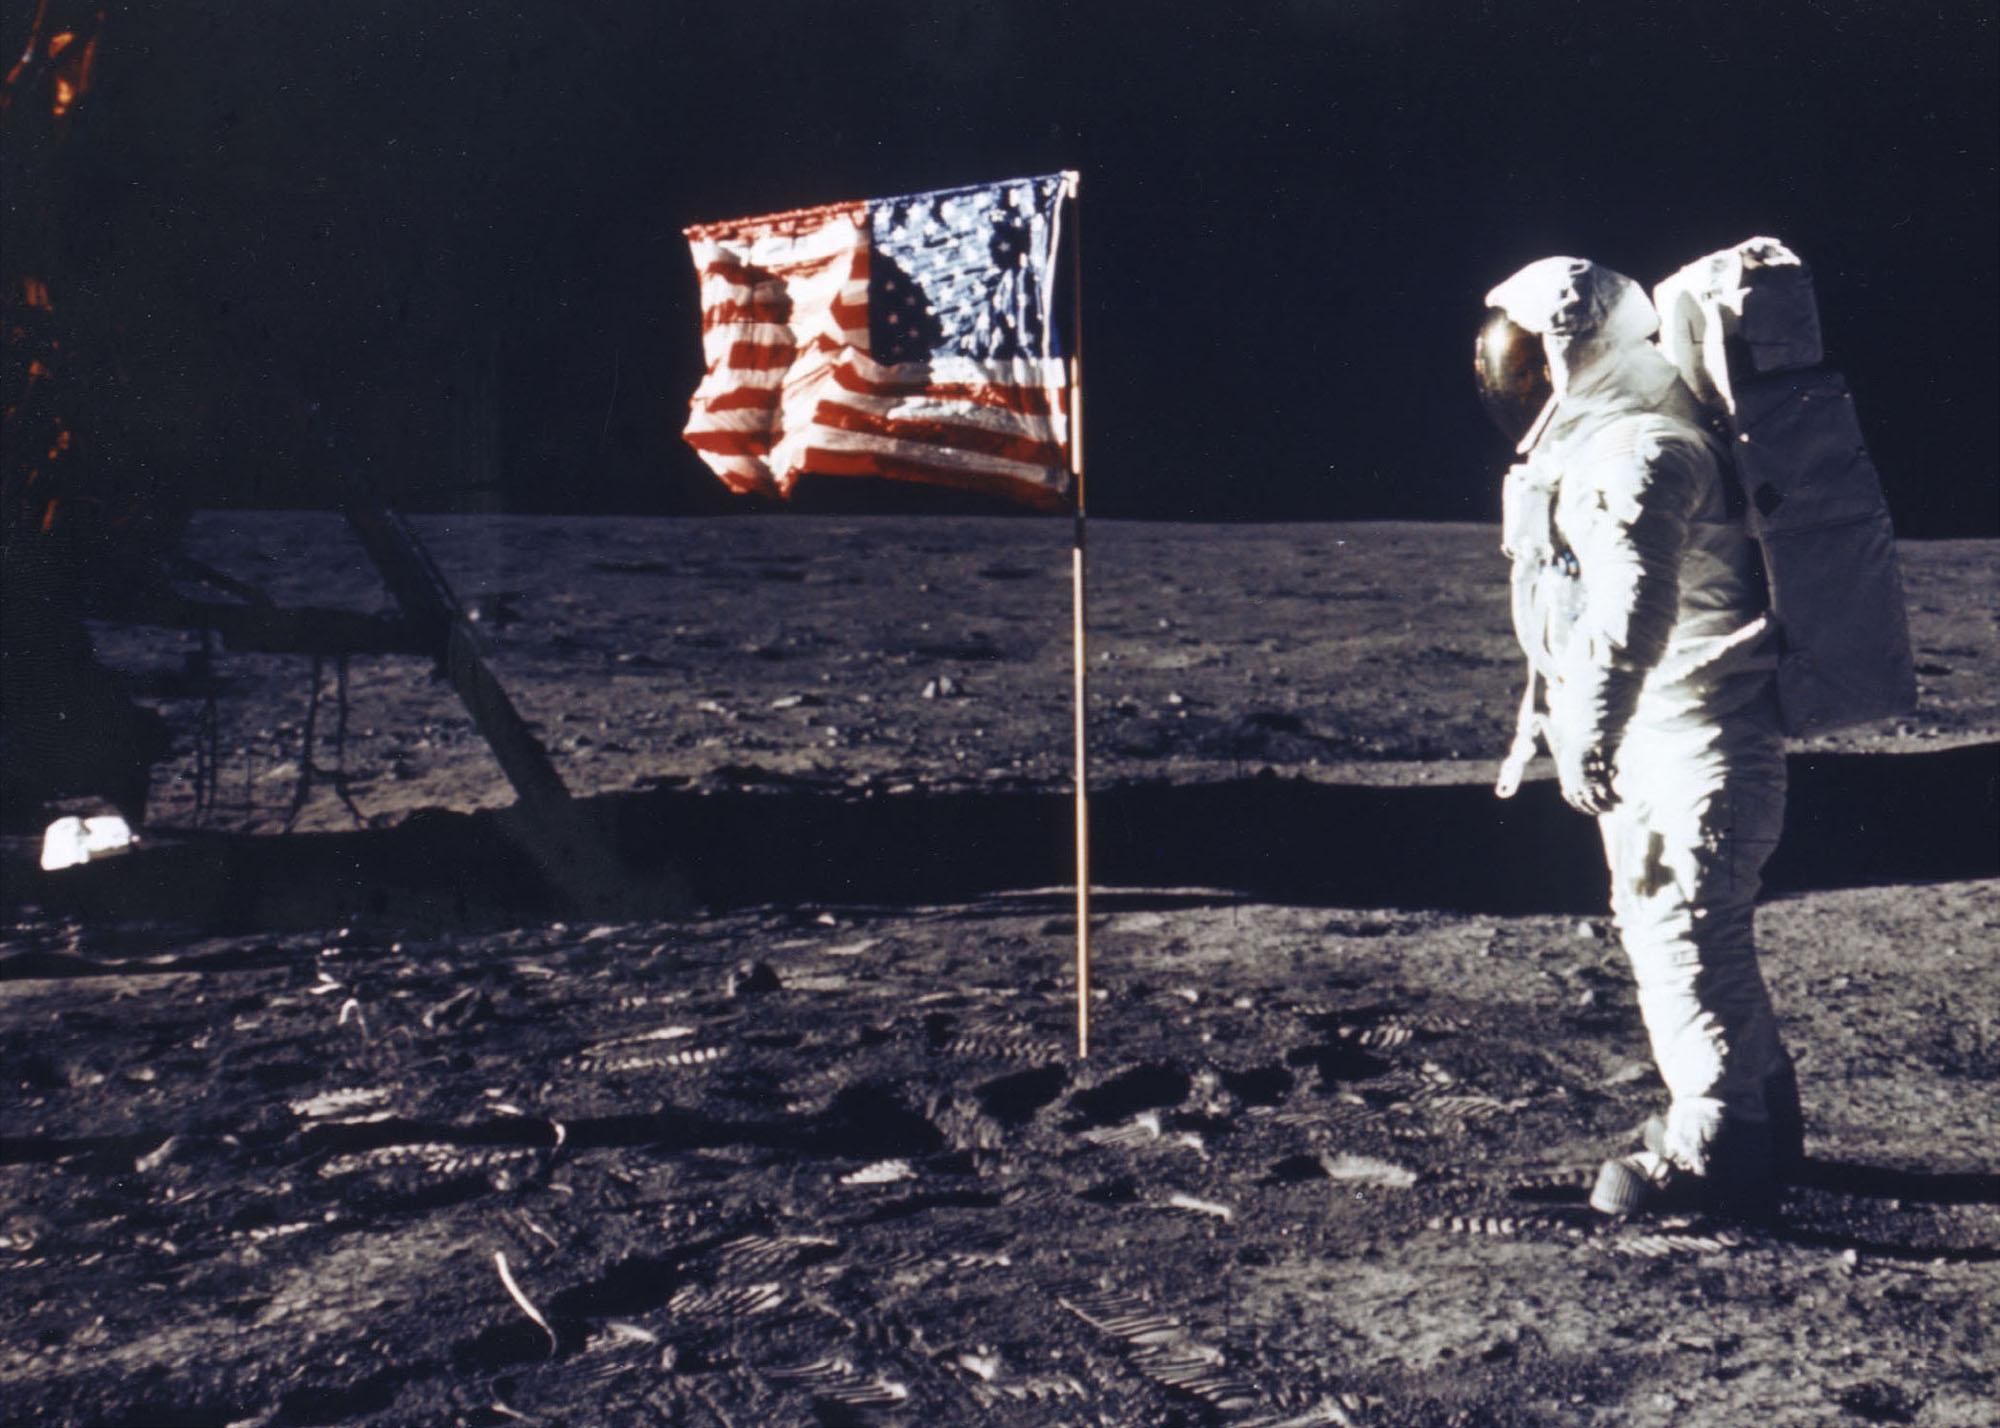 Astronauta Buzz Aldrin obok amerykańskiej flagi na Księżycu 20 lipca 1969 roku.